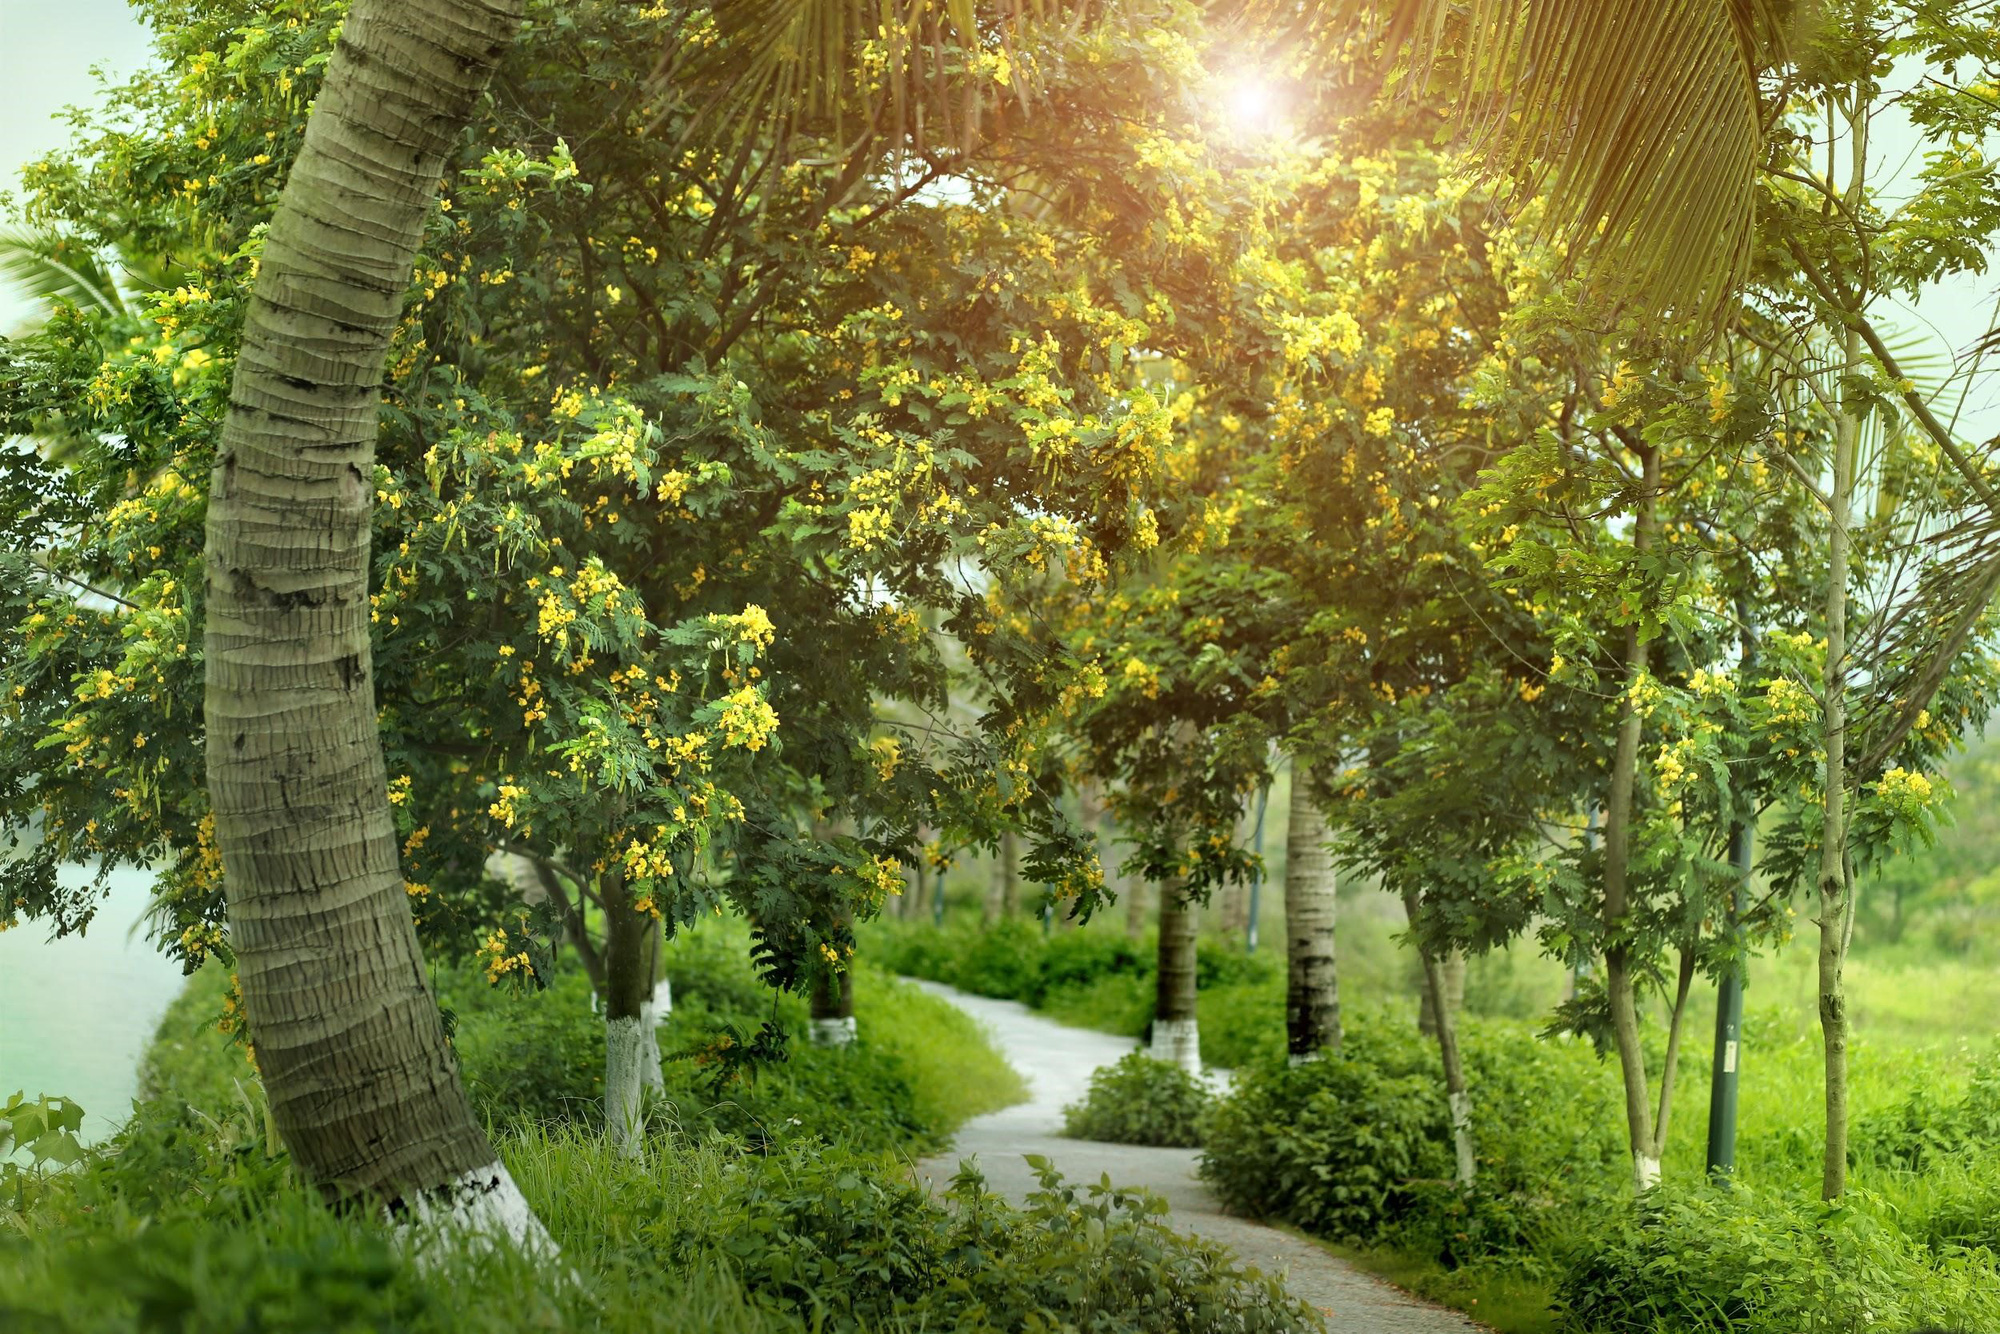 Ngắm bình minh đẹp như tranh vẽ tại khu đô thị xanh Ecopark - Ảnh 5.